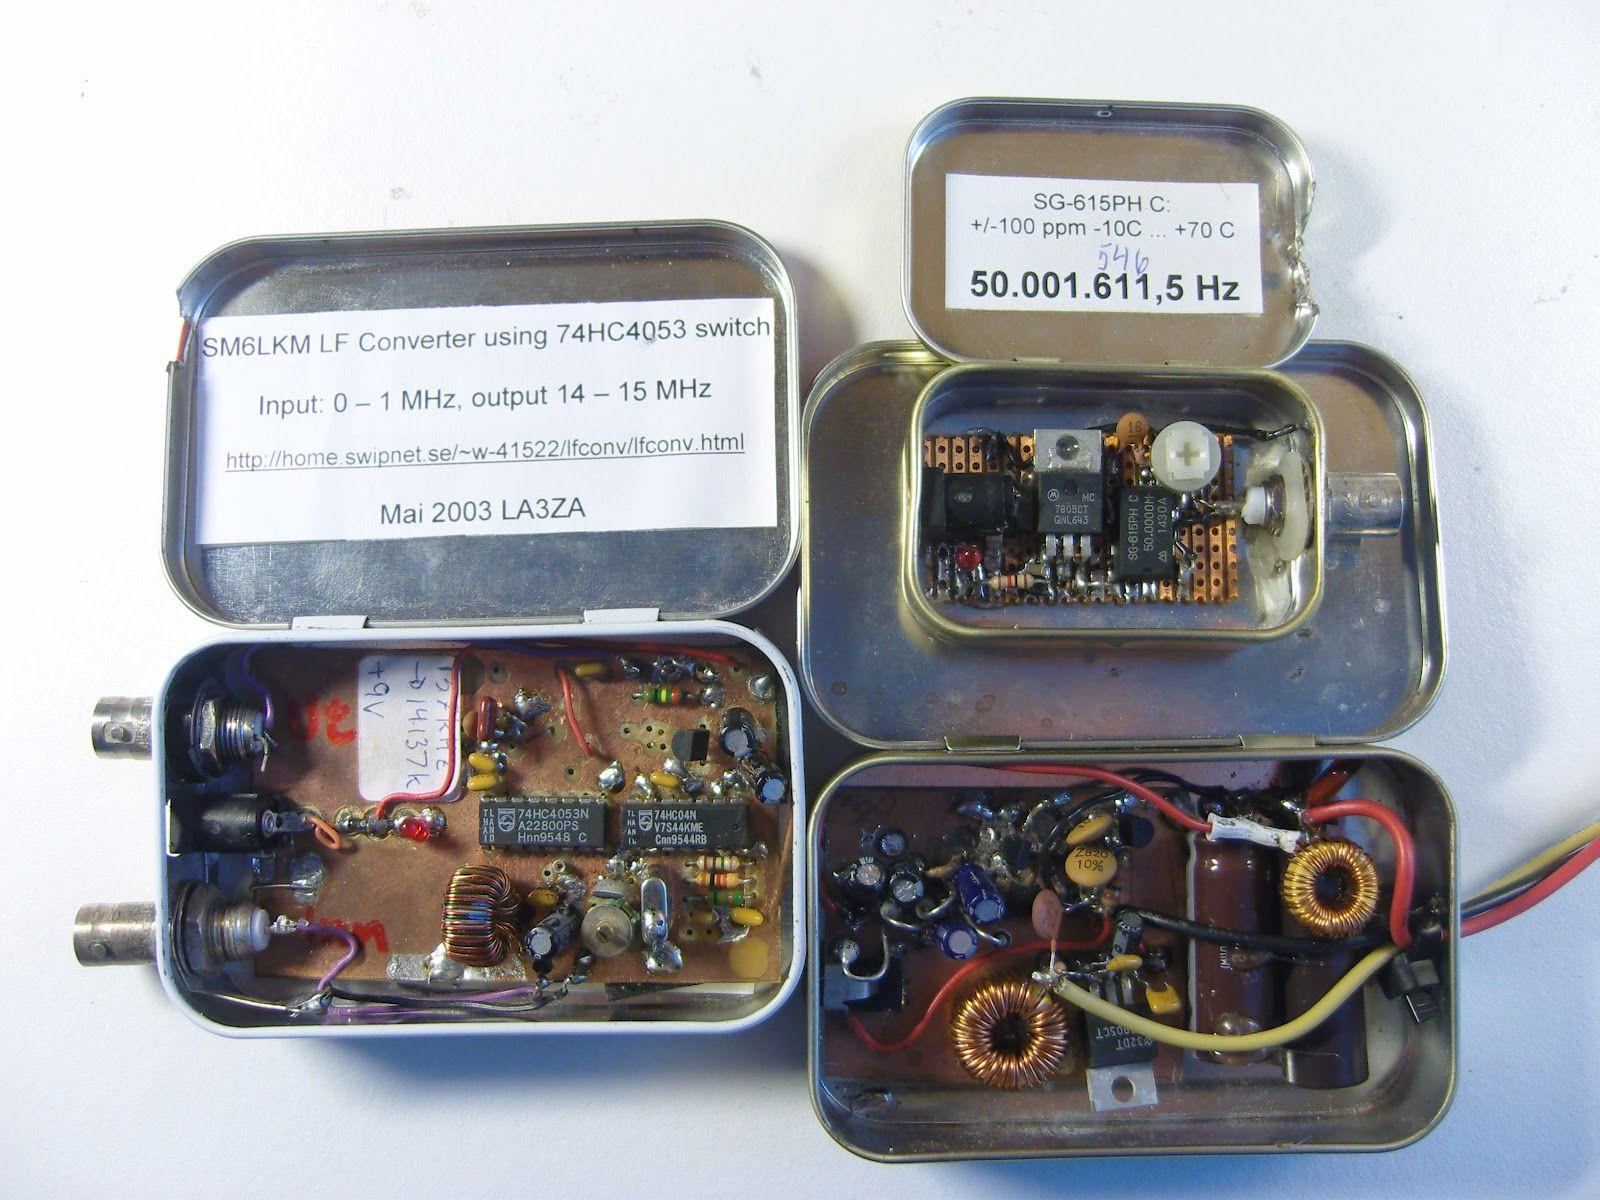 86BFD62C-EB45-45C4-A920-AF694C6714D9.jpeg